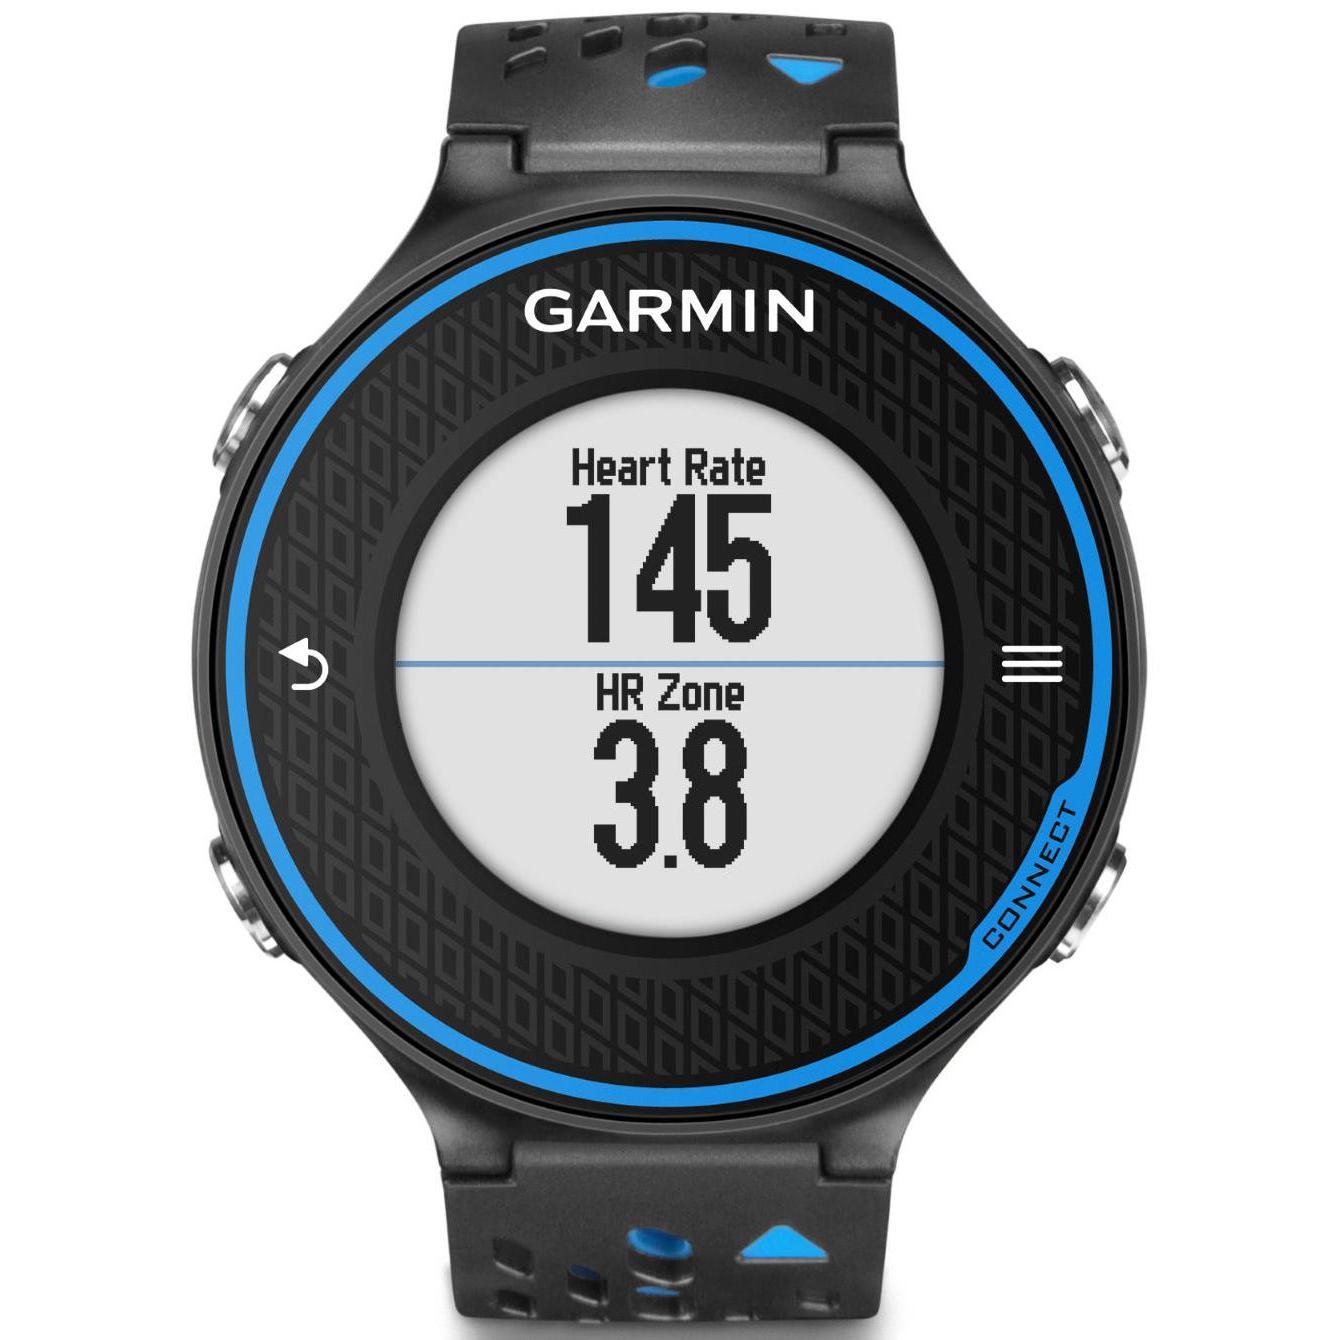 GARMIN Forerunner 620 - Noir/Bleu